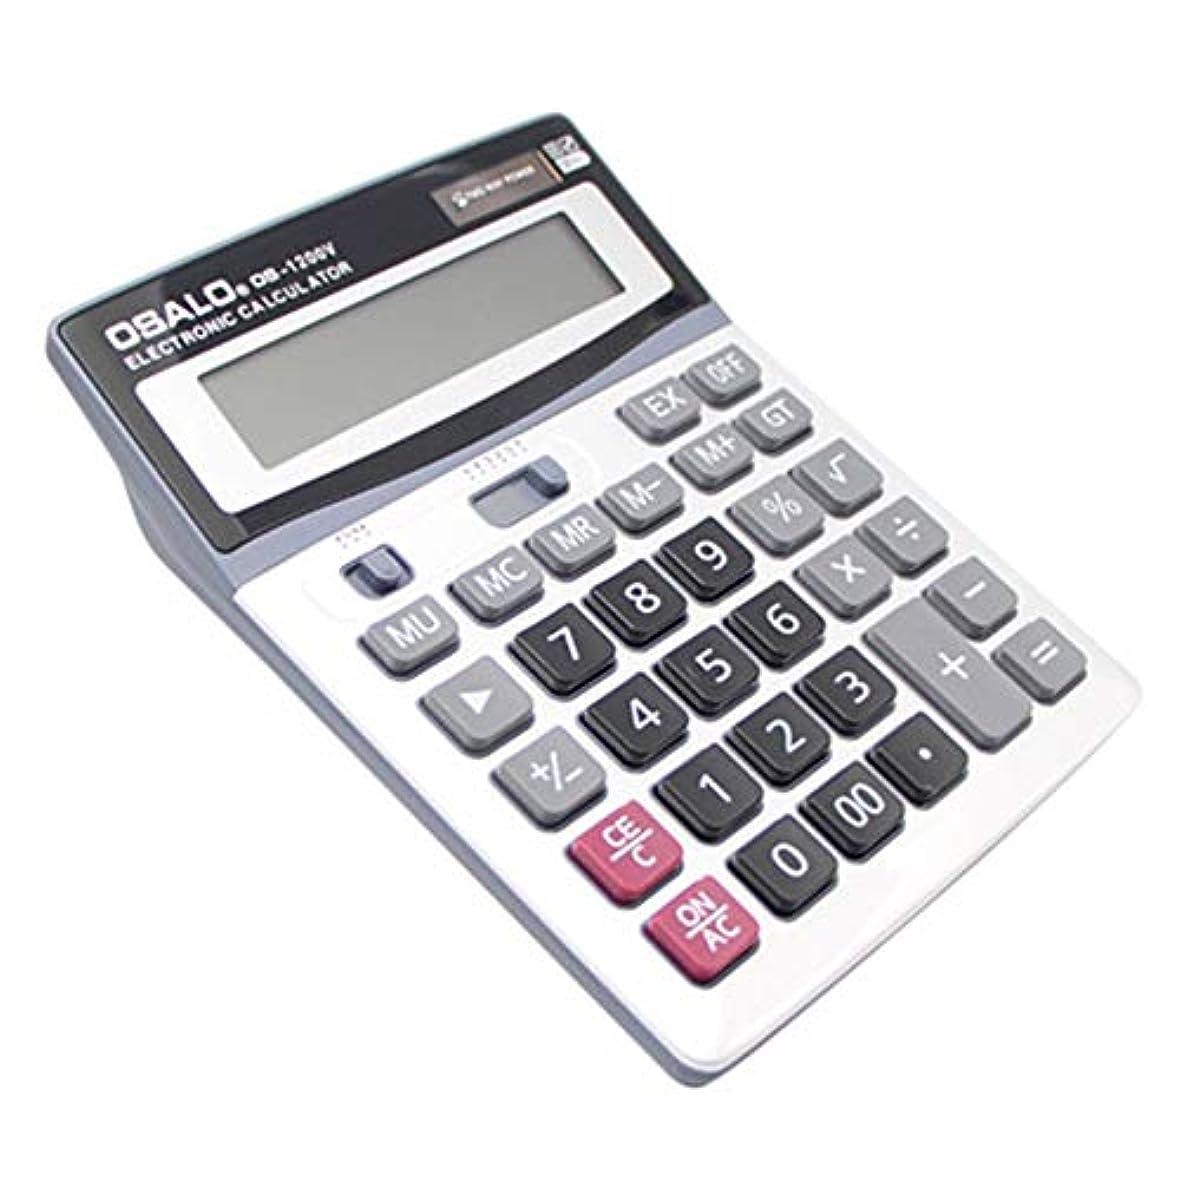 作業ハントビリーヤギOSALO 電子電卓 1200V 12桁 多機能 電子計算機 大型ディスプレイ 大きなボタン デュアルパワー オフィス文房具 電卓